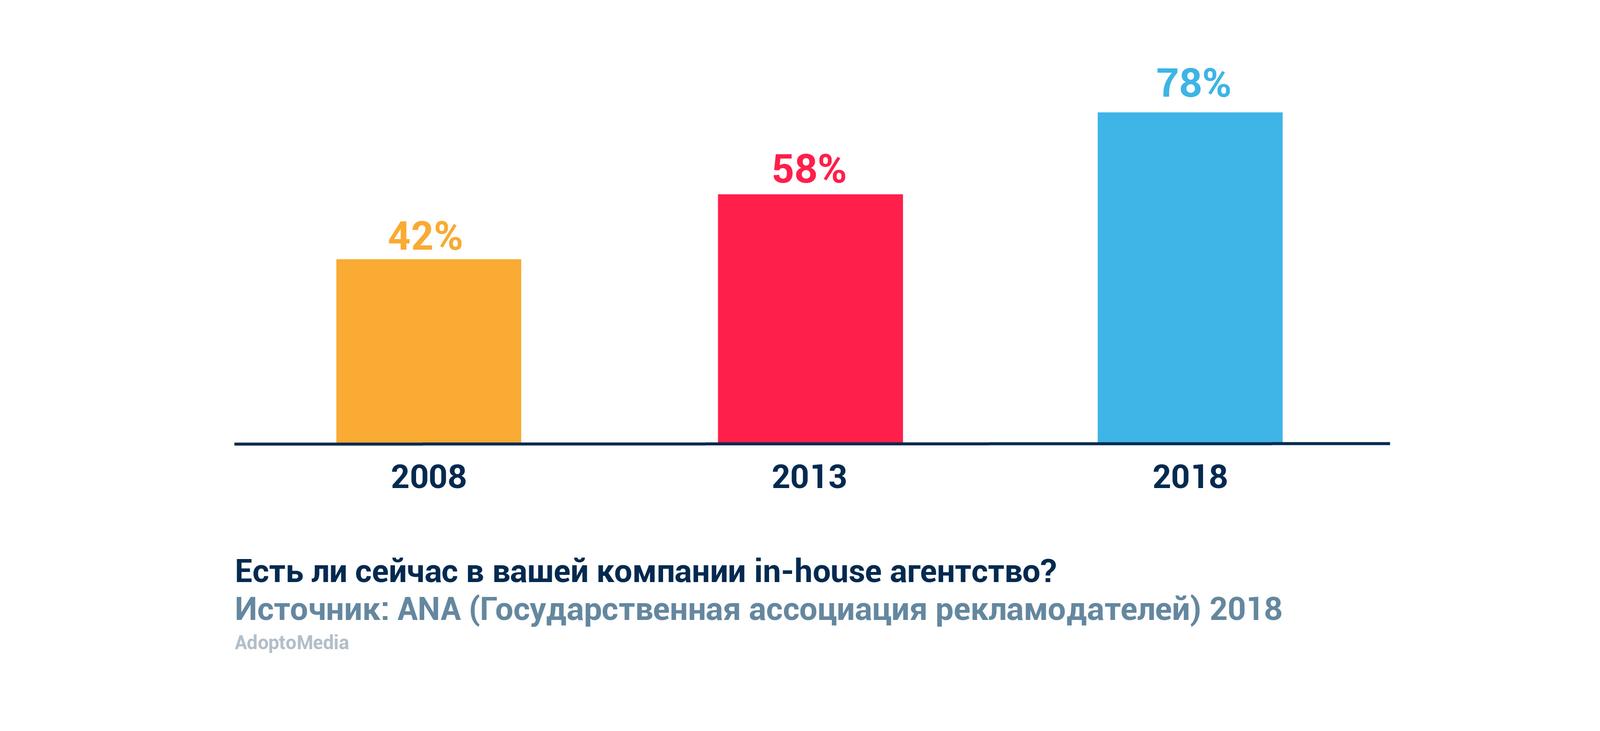 In-house агентство, маркетинговые тренды